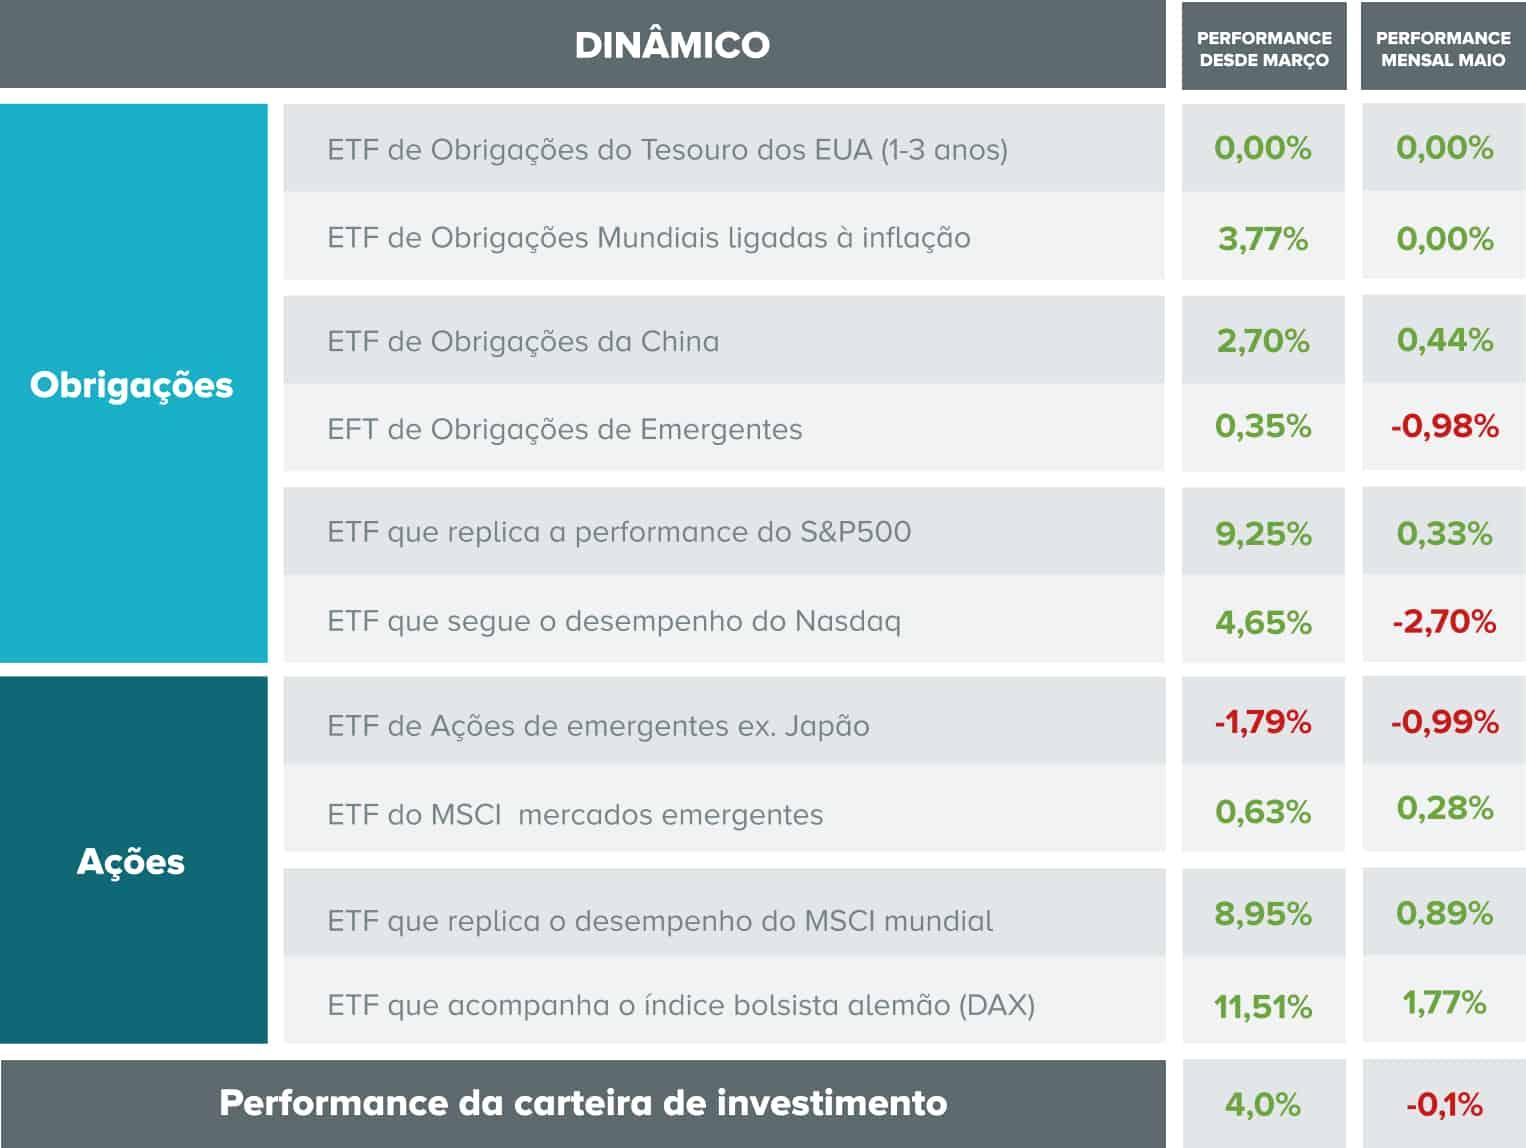 Tabela com indicação de desempenhos por ativos e no global da carteira com perfil dinâmico